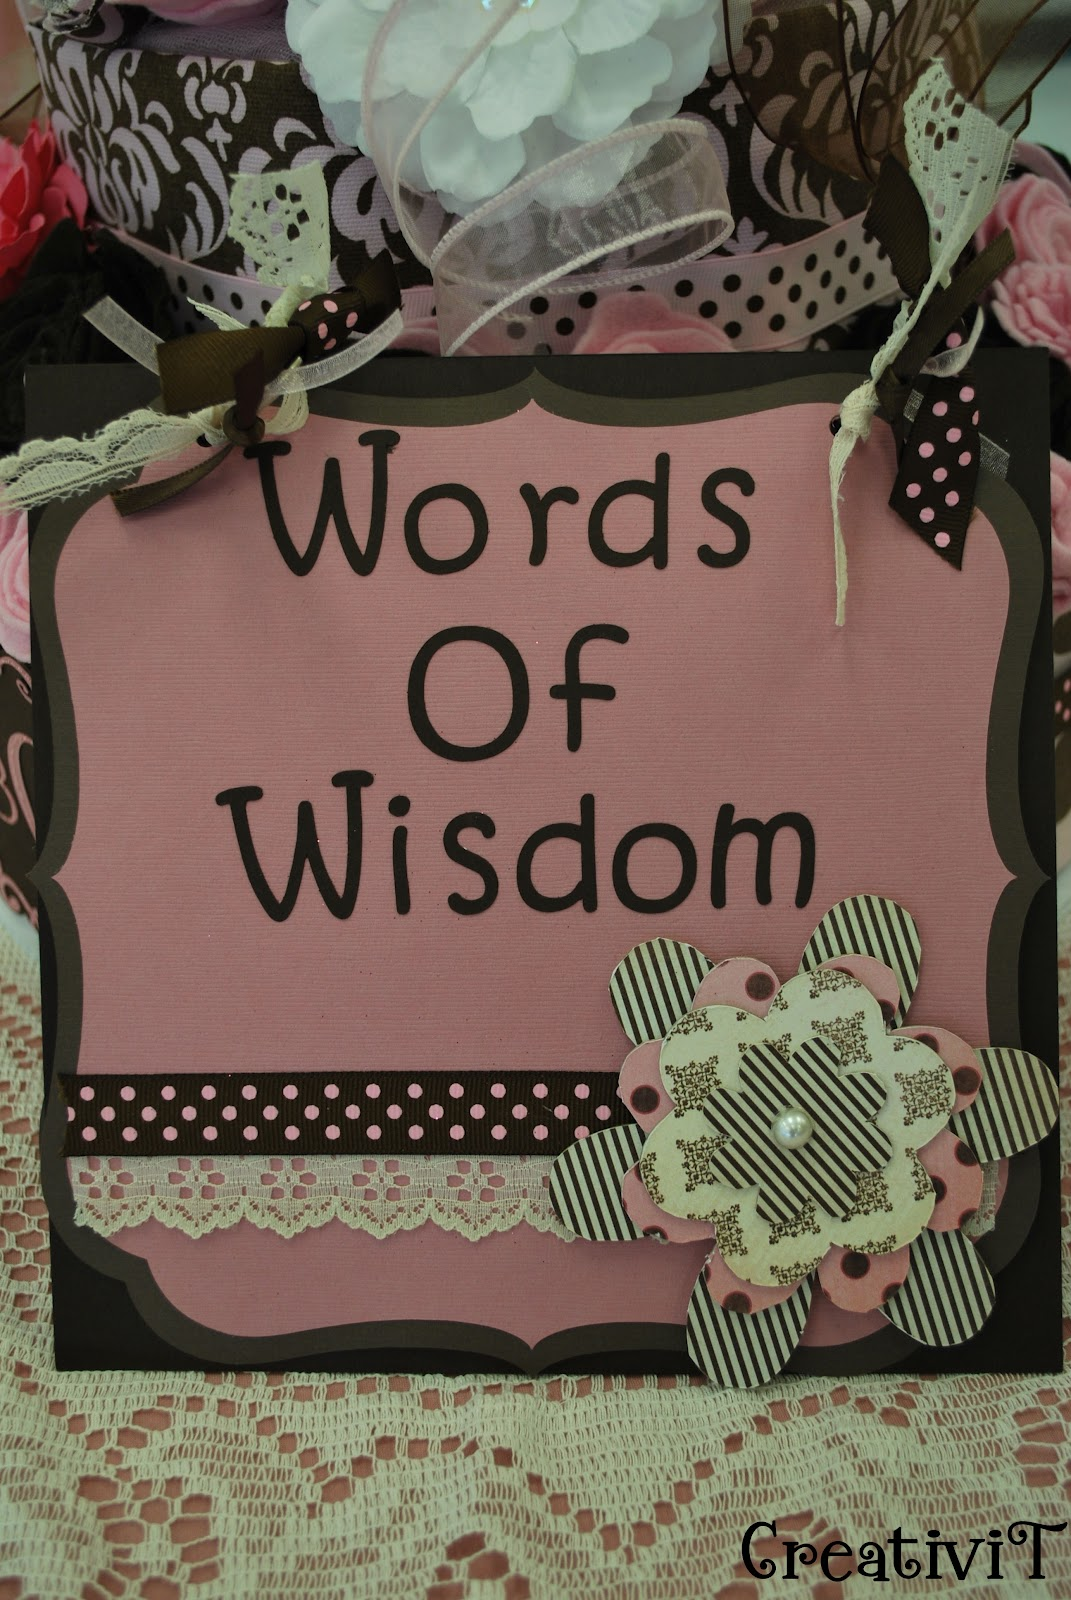 made words of wisdom cards for everyone to share their wisdom for